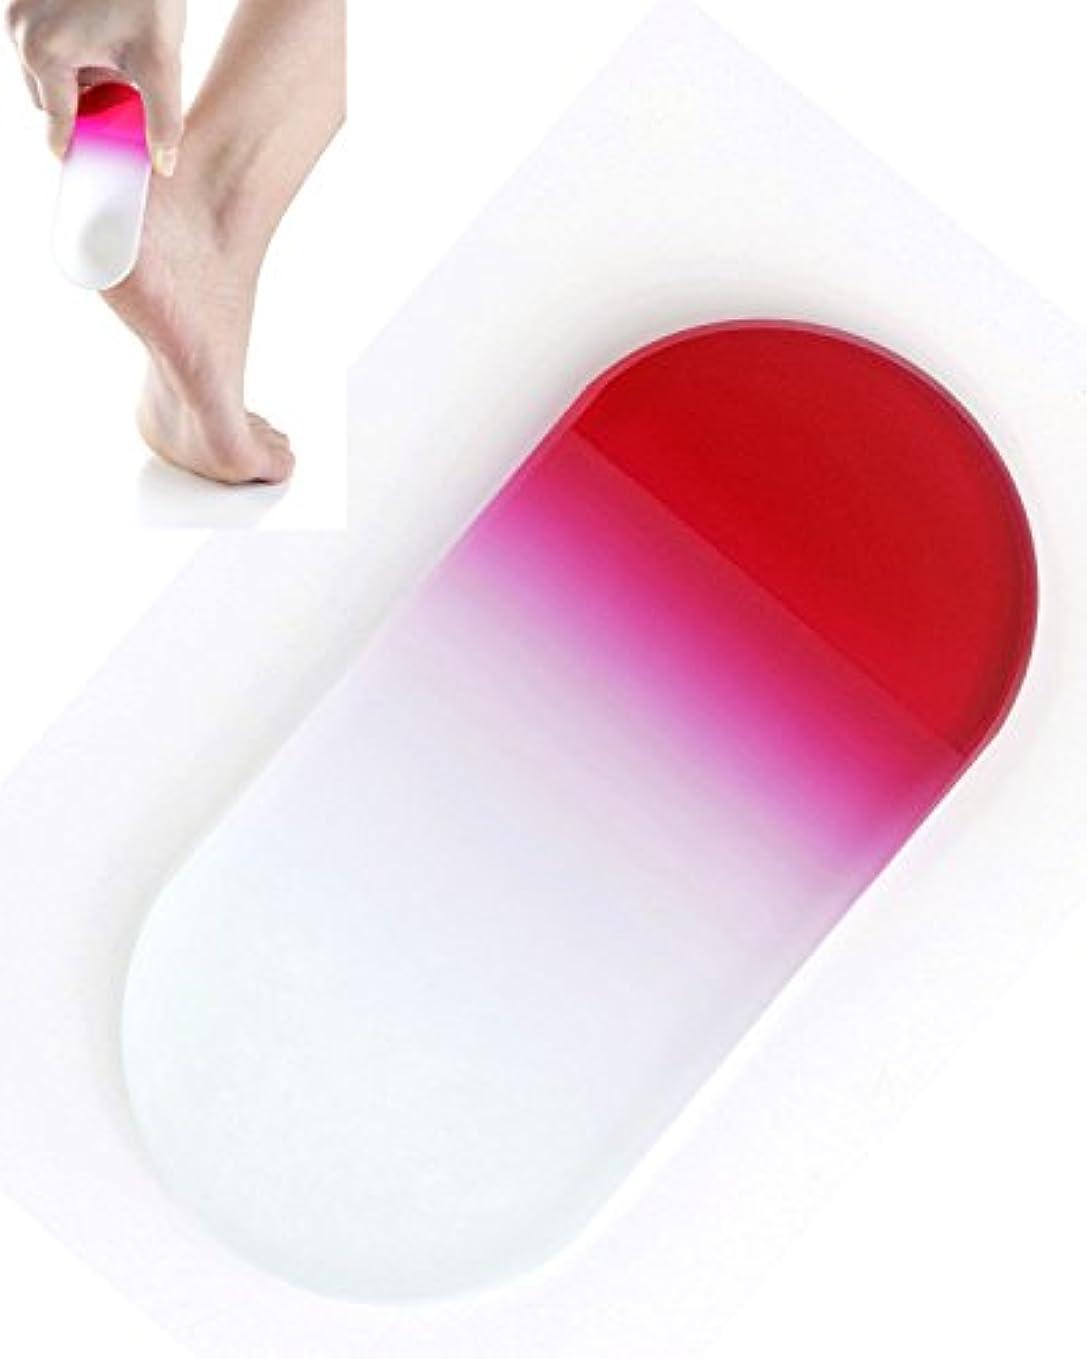 空いているスペードタイマーBISON チェコ製ガラス かかとキレイ ピンク 荒目/細目両面 専用ケース付 介護用